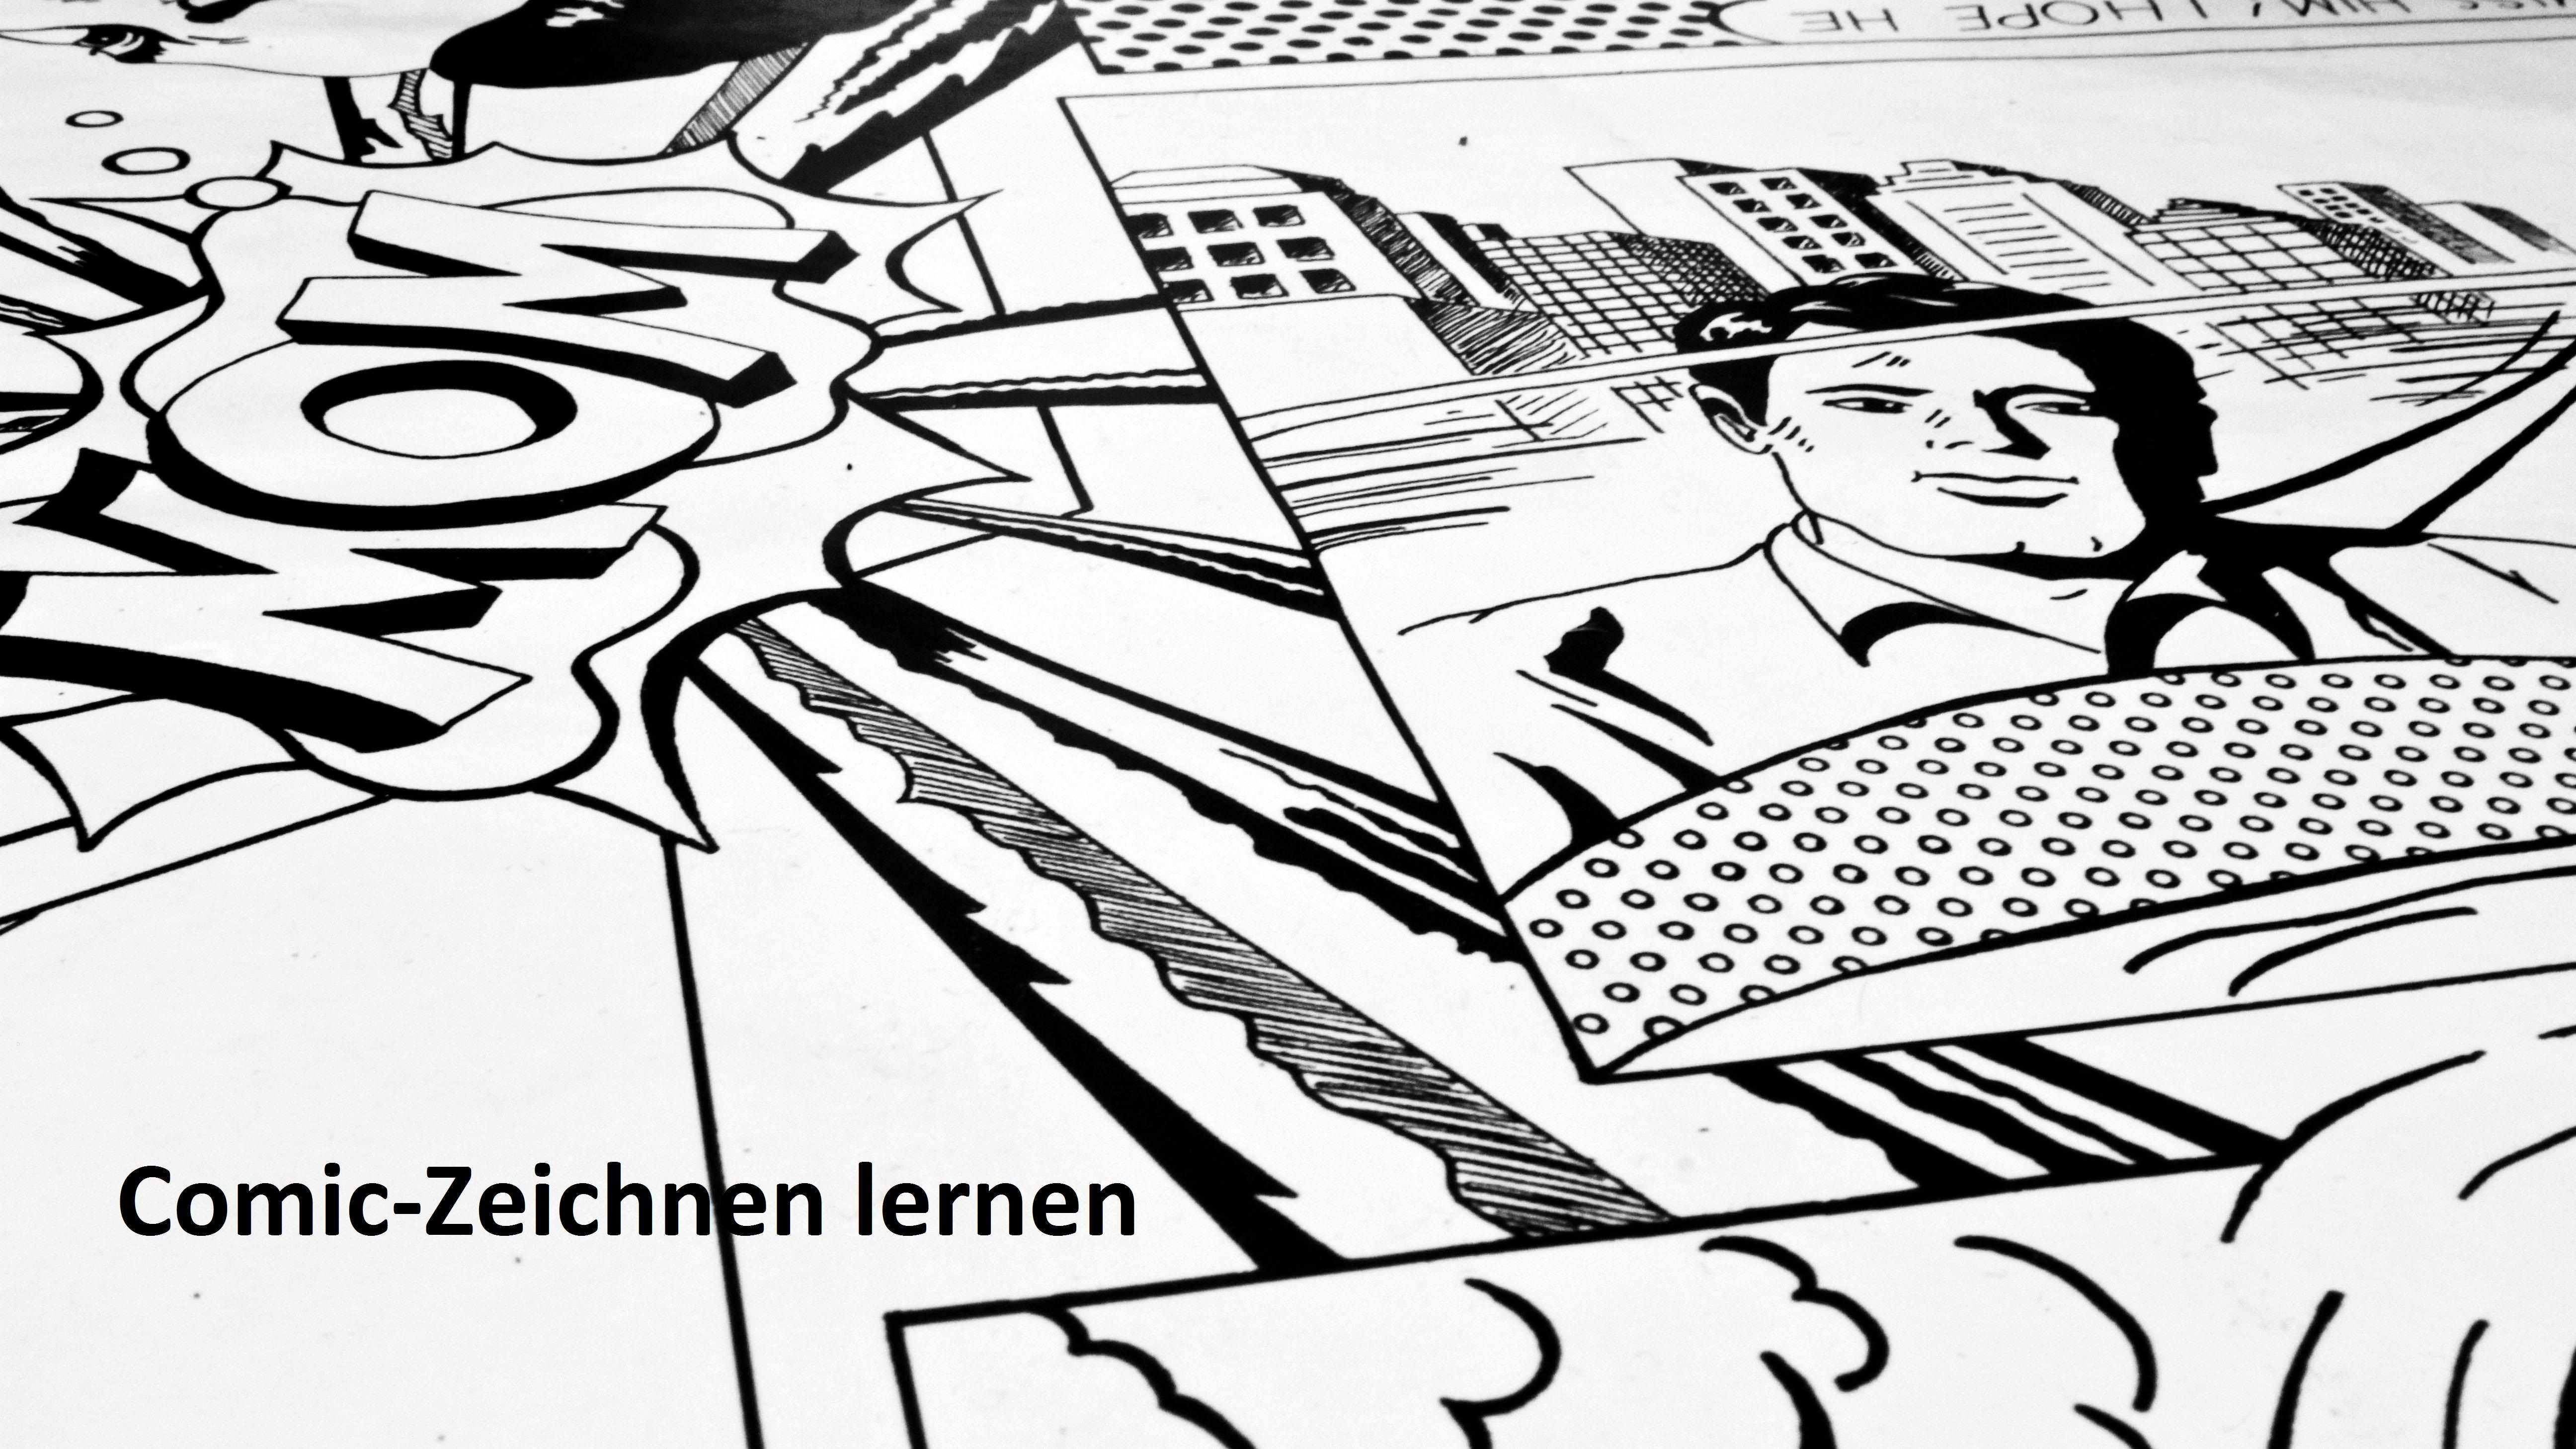 Comic Zeichnen Lernen Funf Gute Online Tutorials Comic Zeichnen Lernen Comic Zeichnen Und Zeichnen Lernen